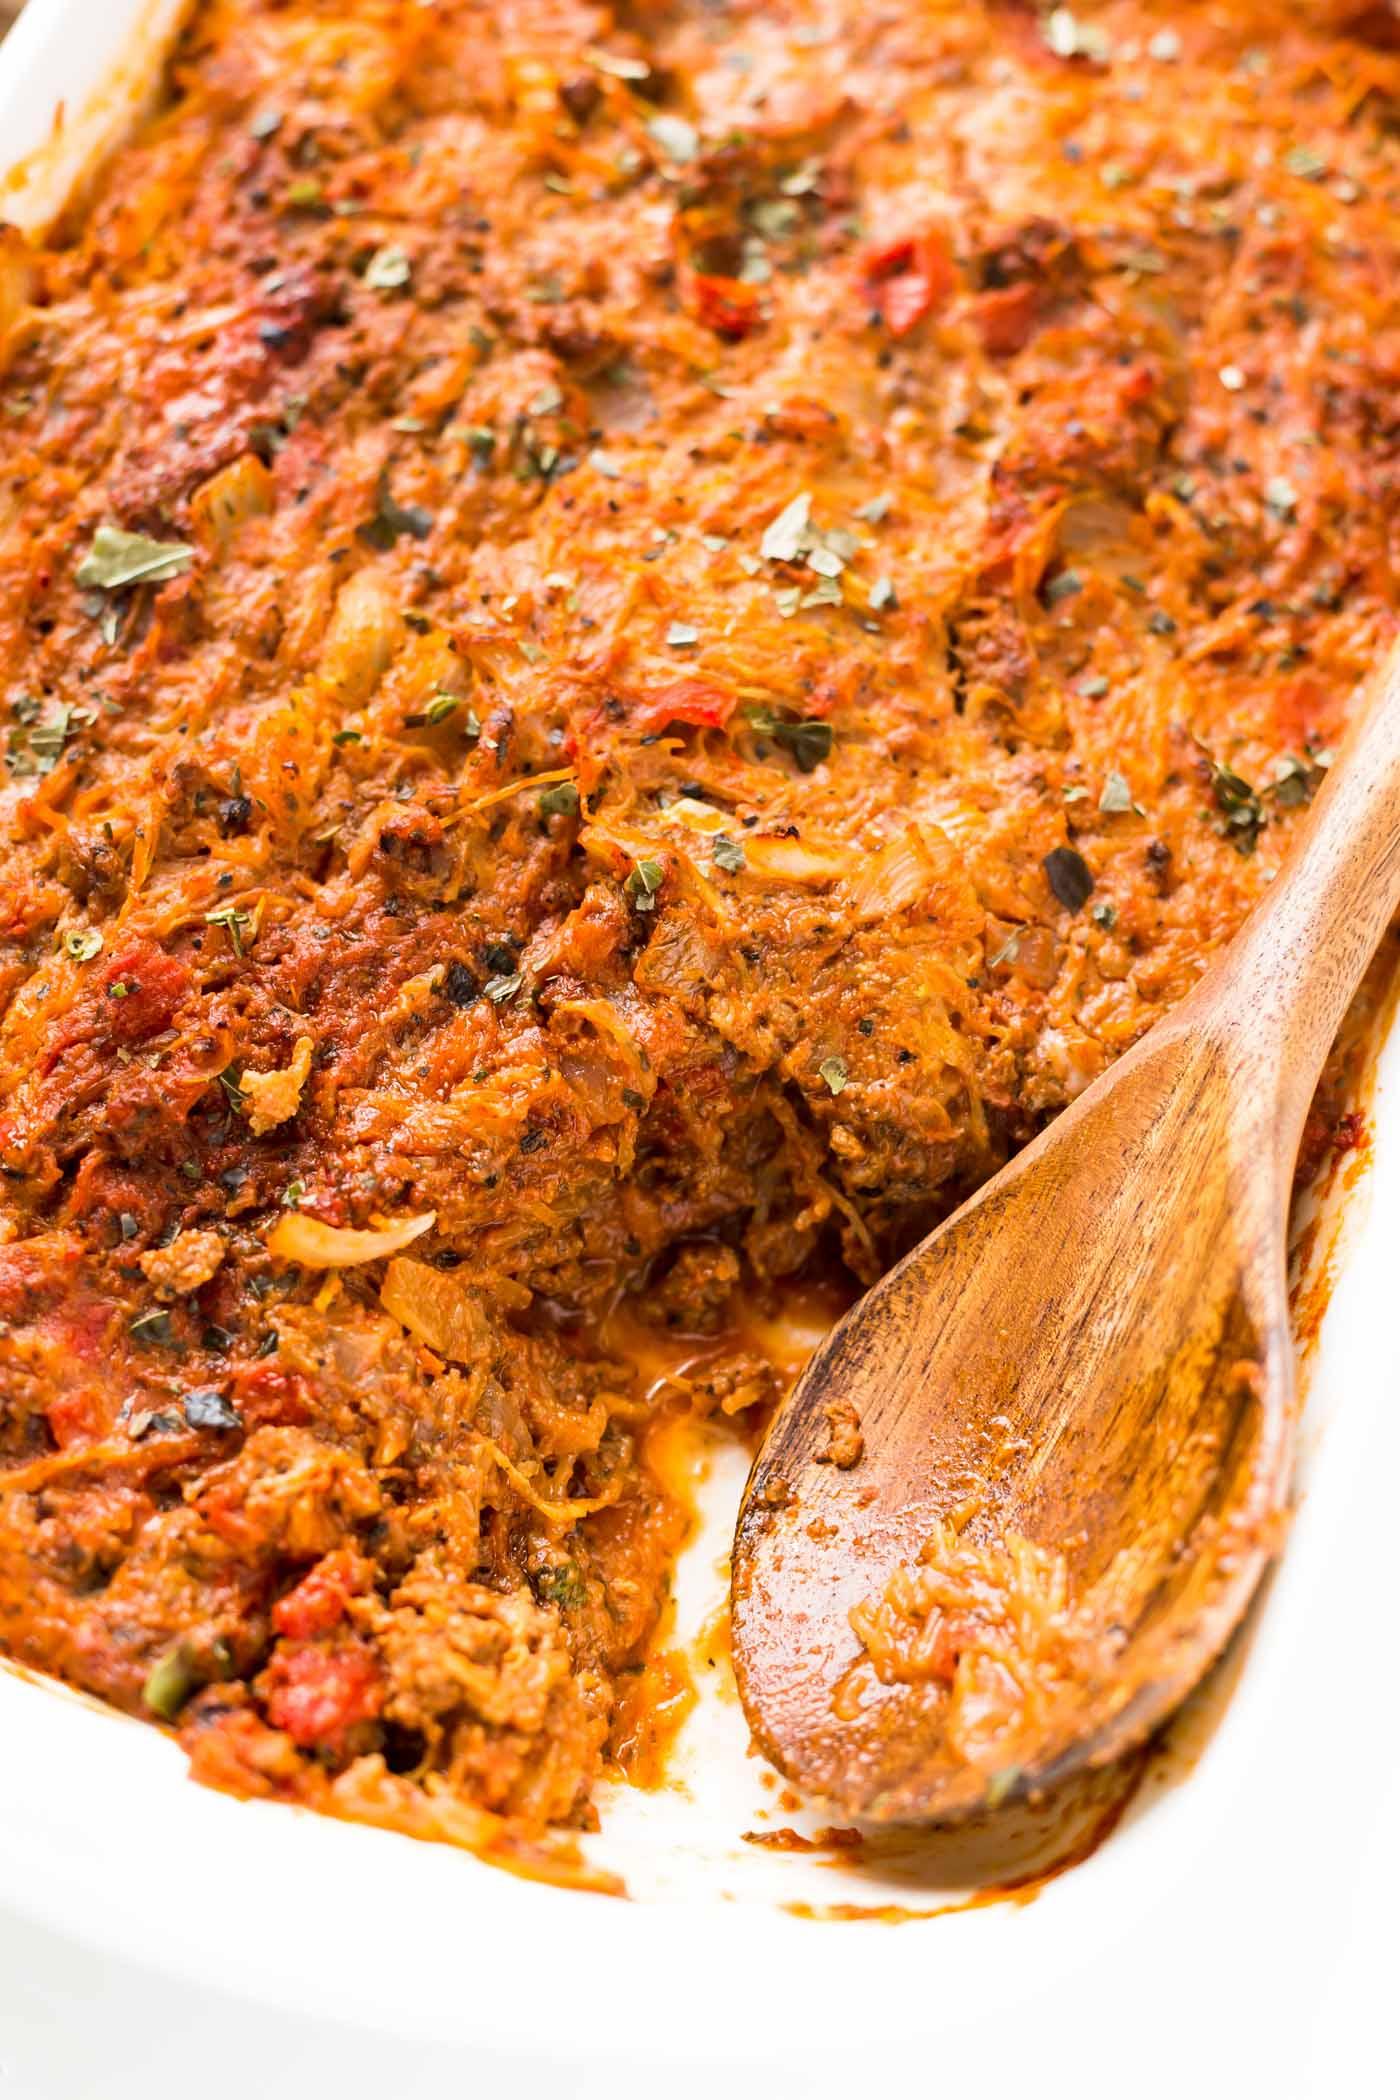 Spaghetti squash and wooden spoon in white casserole dish